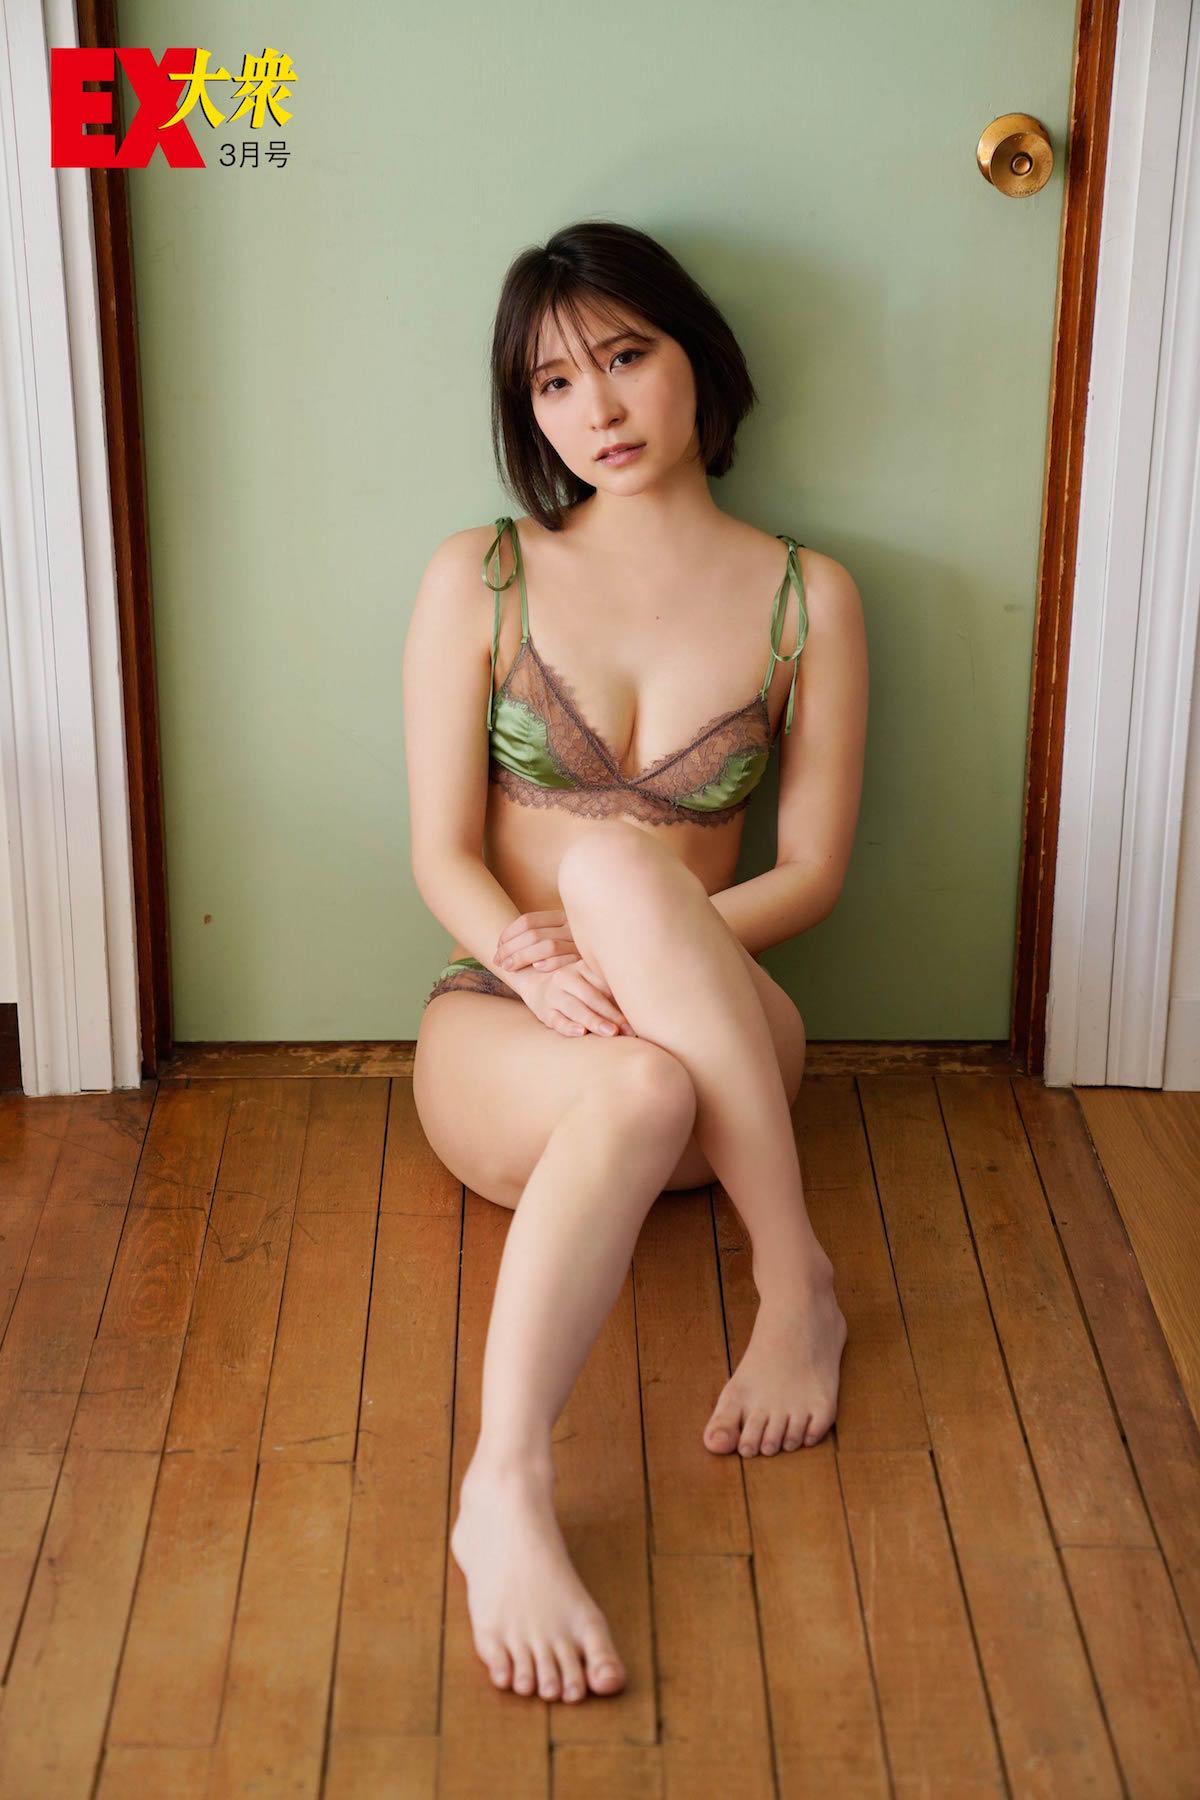 あまつまりなの本誌未掲載カット9枚を大公開!【EX大衆3月号】の画像001